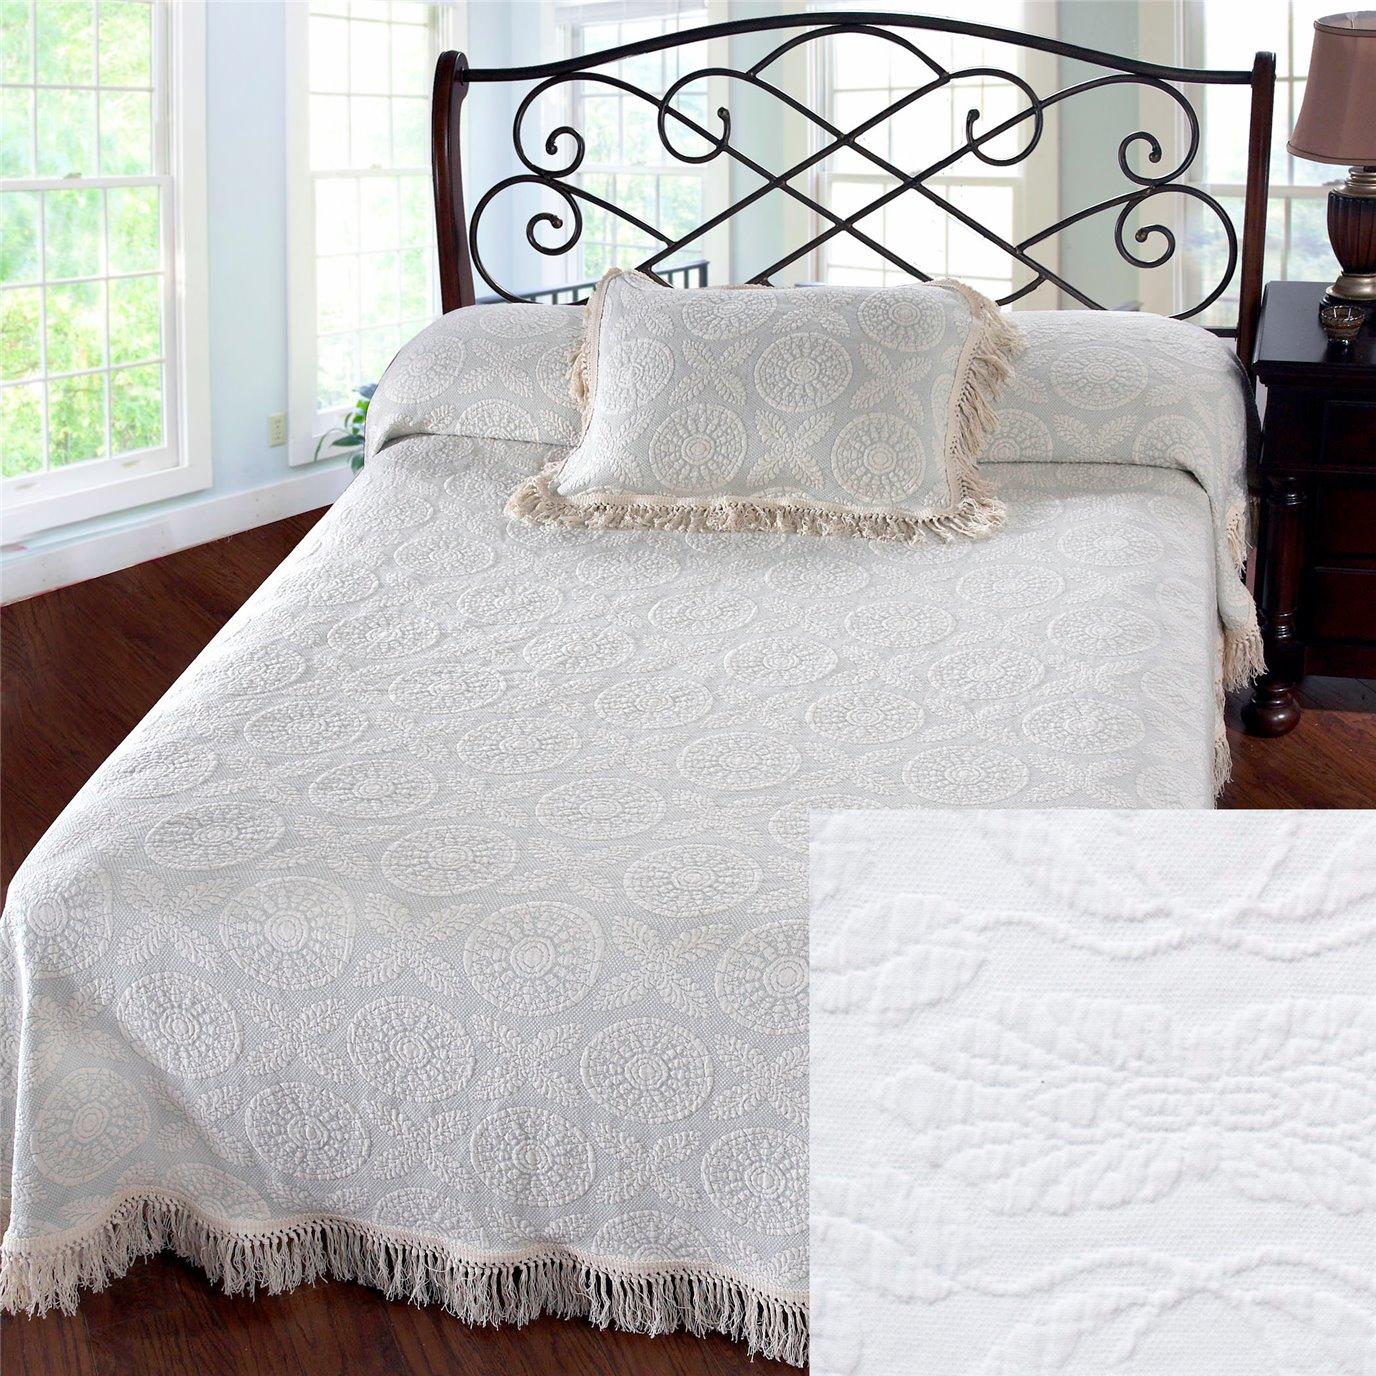 Heirloom Twin White Bedspread